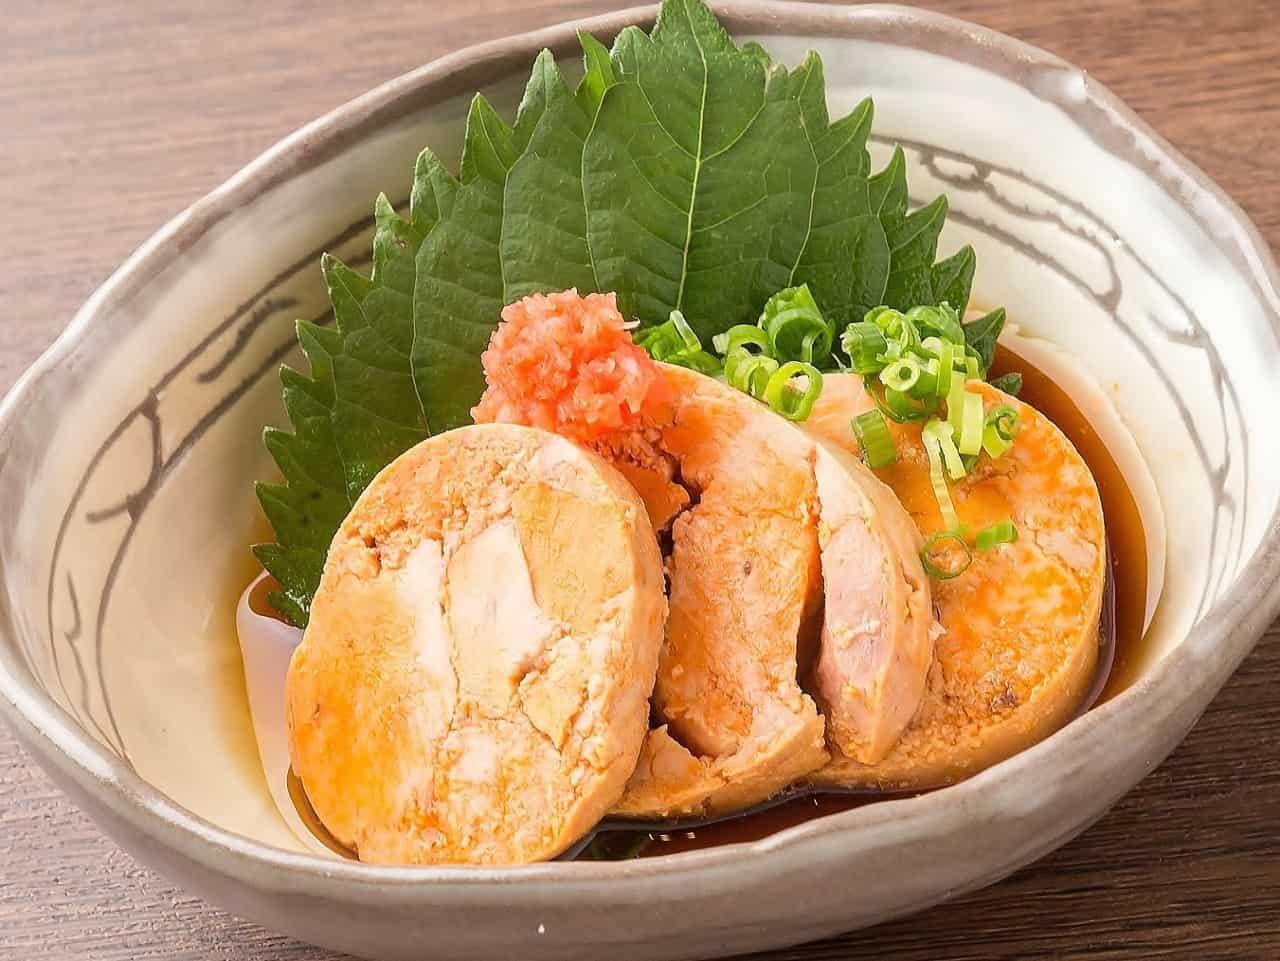 ตับปลาอังโค (Ankimo) ที่เปรียบเสมือนฟัวกราส์แห่งท้องทะเล